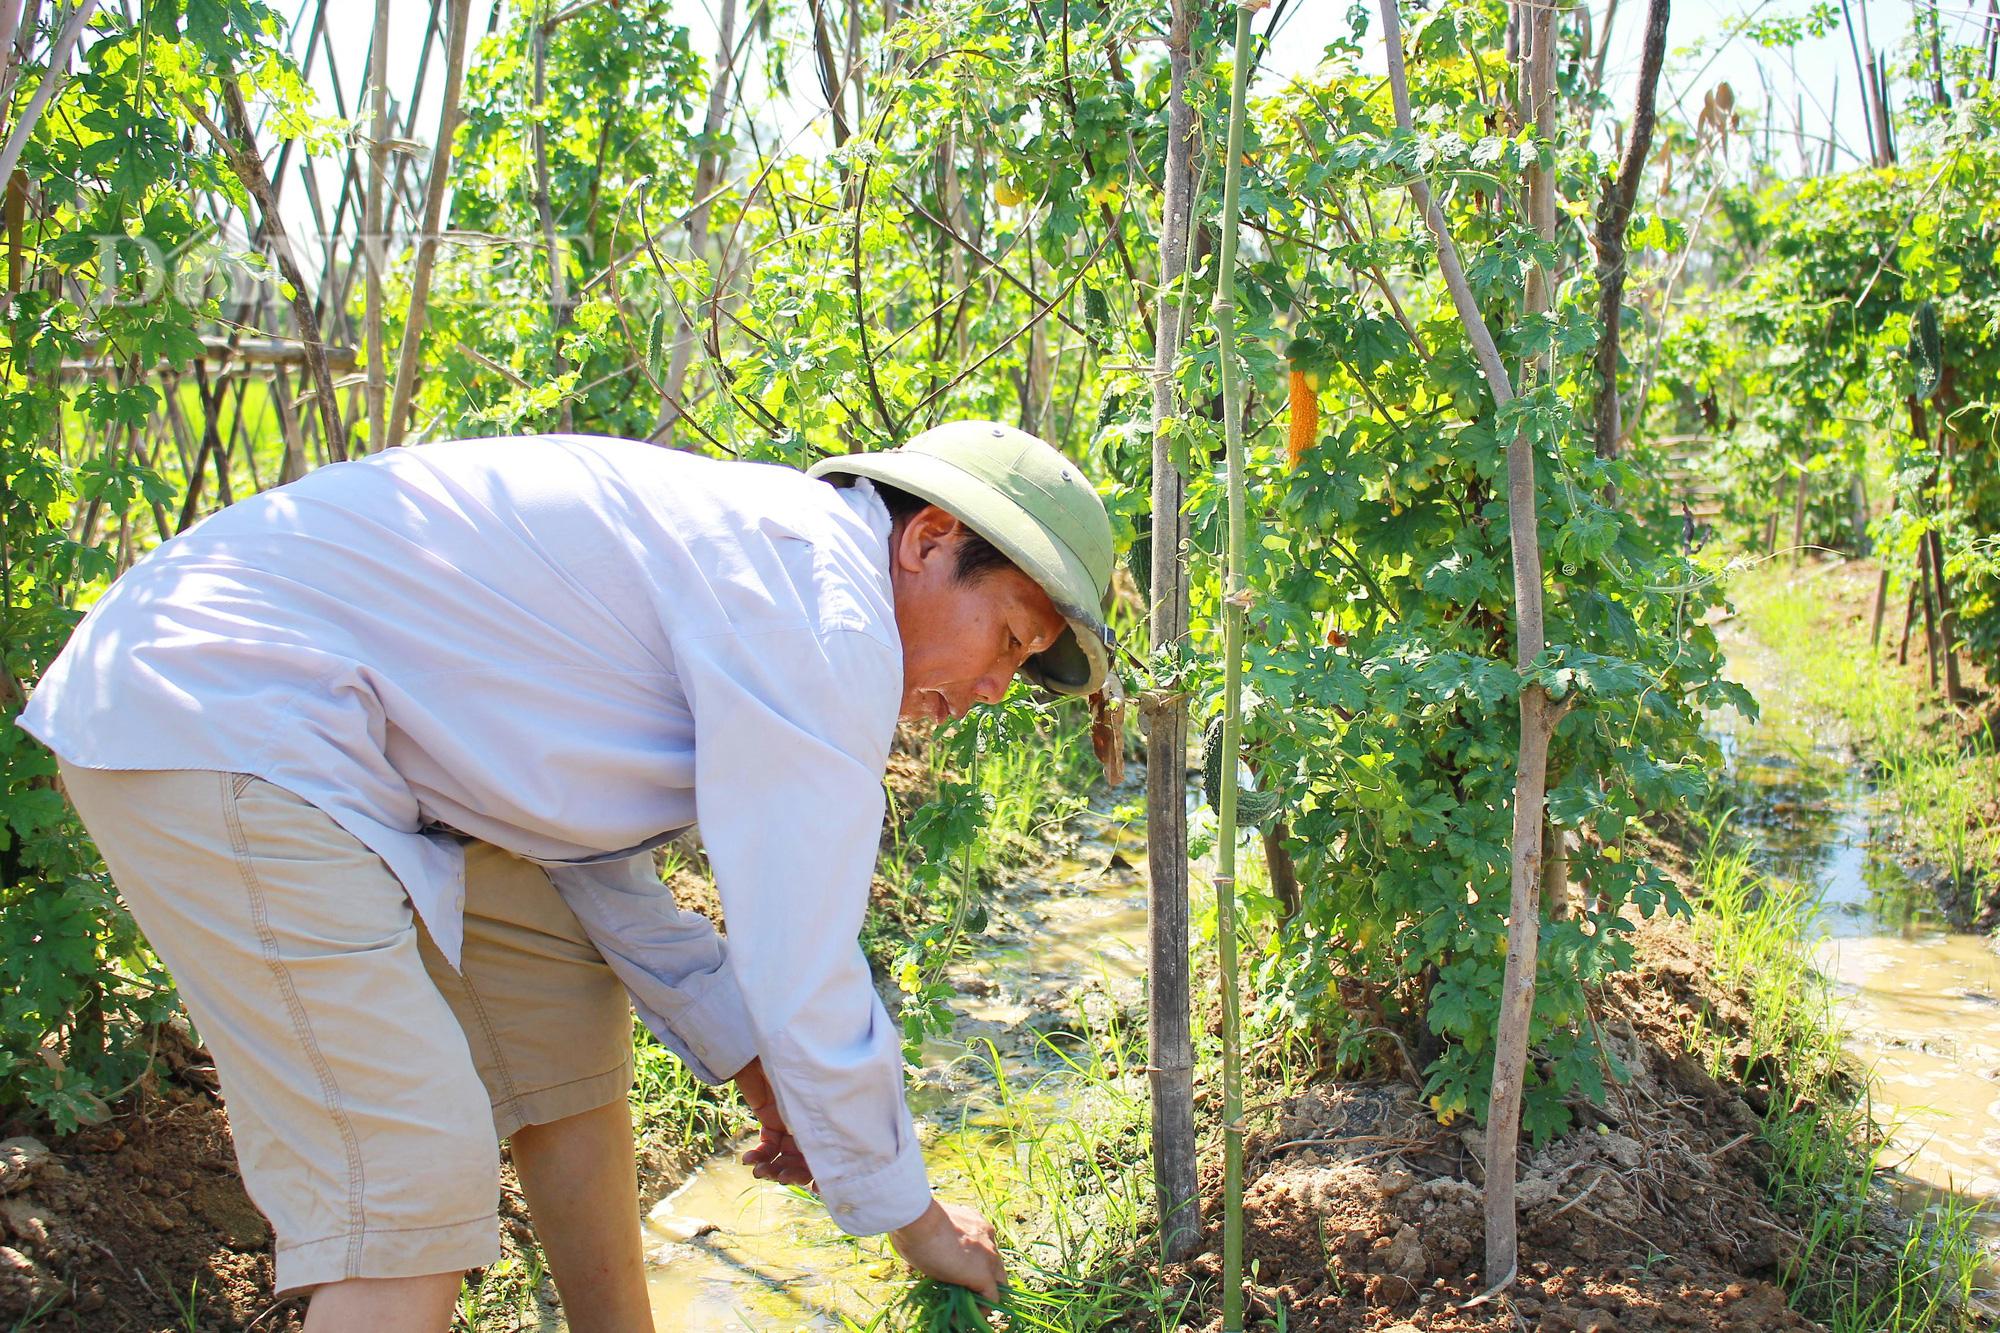 Nghệ An: Biến ruộng lúa kém hiệu quả thành vườn rau, nông dân thu trăm triệu/năm - Ảnh 4.